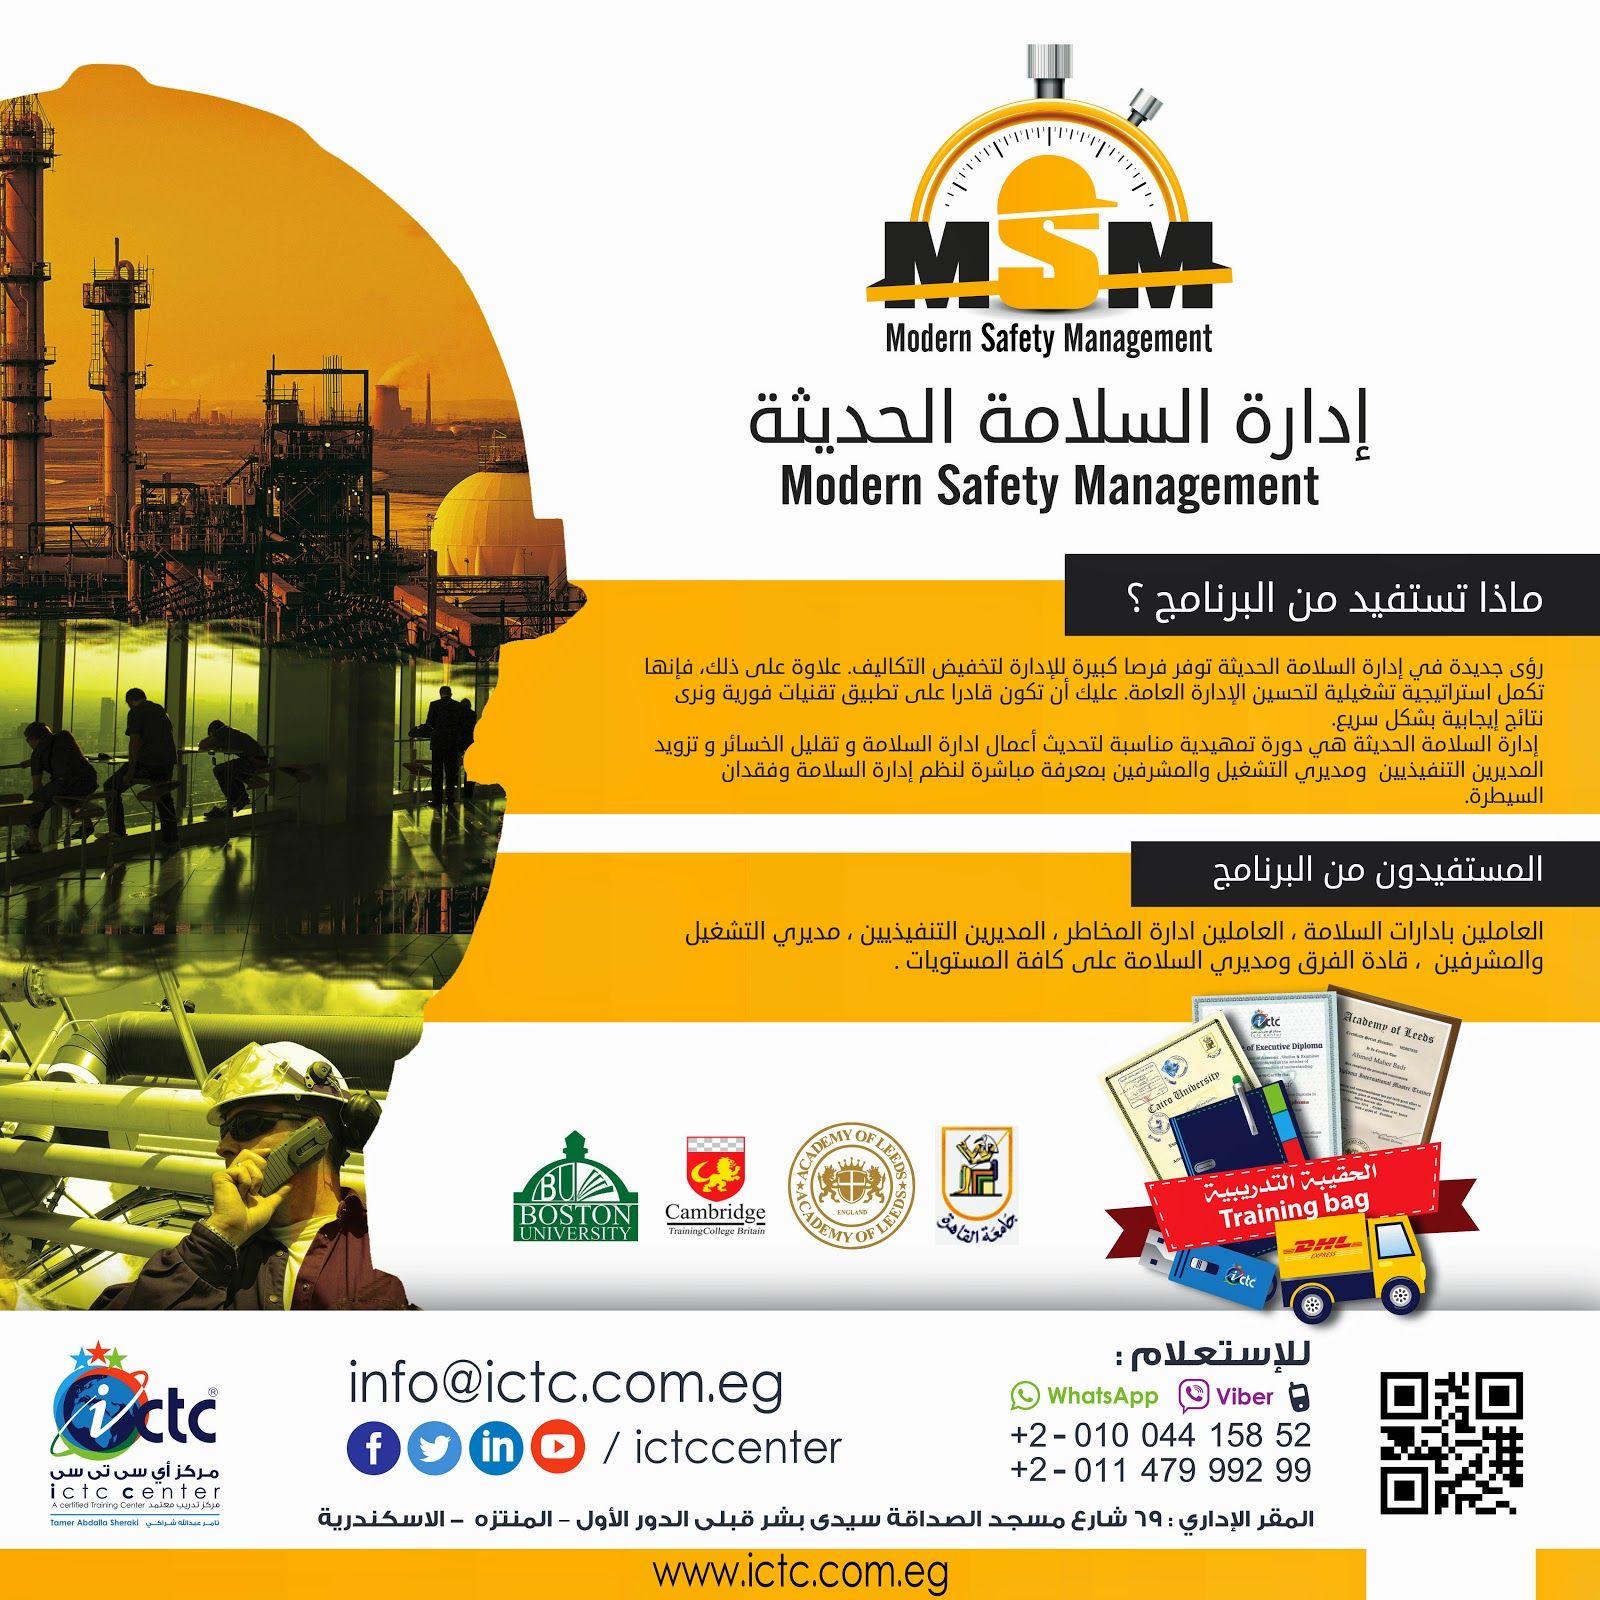 إدارة السلامة الحديثة Msm Modern Safety Management Management Msm Modern